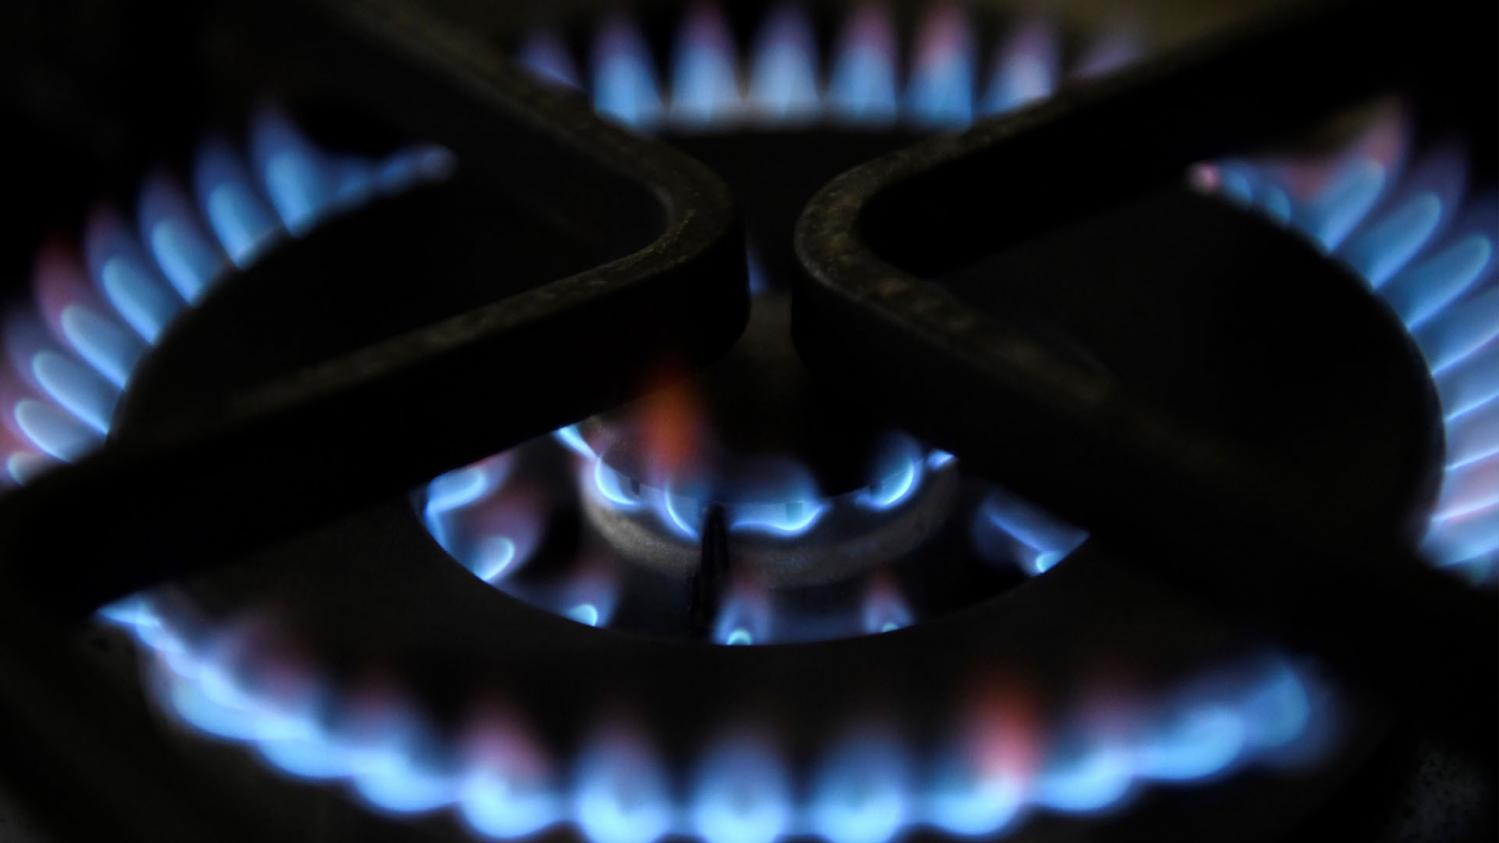 Le médiateur de l'énergie veut interdire le démarchage à domicile pour les contrats de gaz et d'électricité